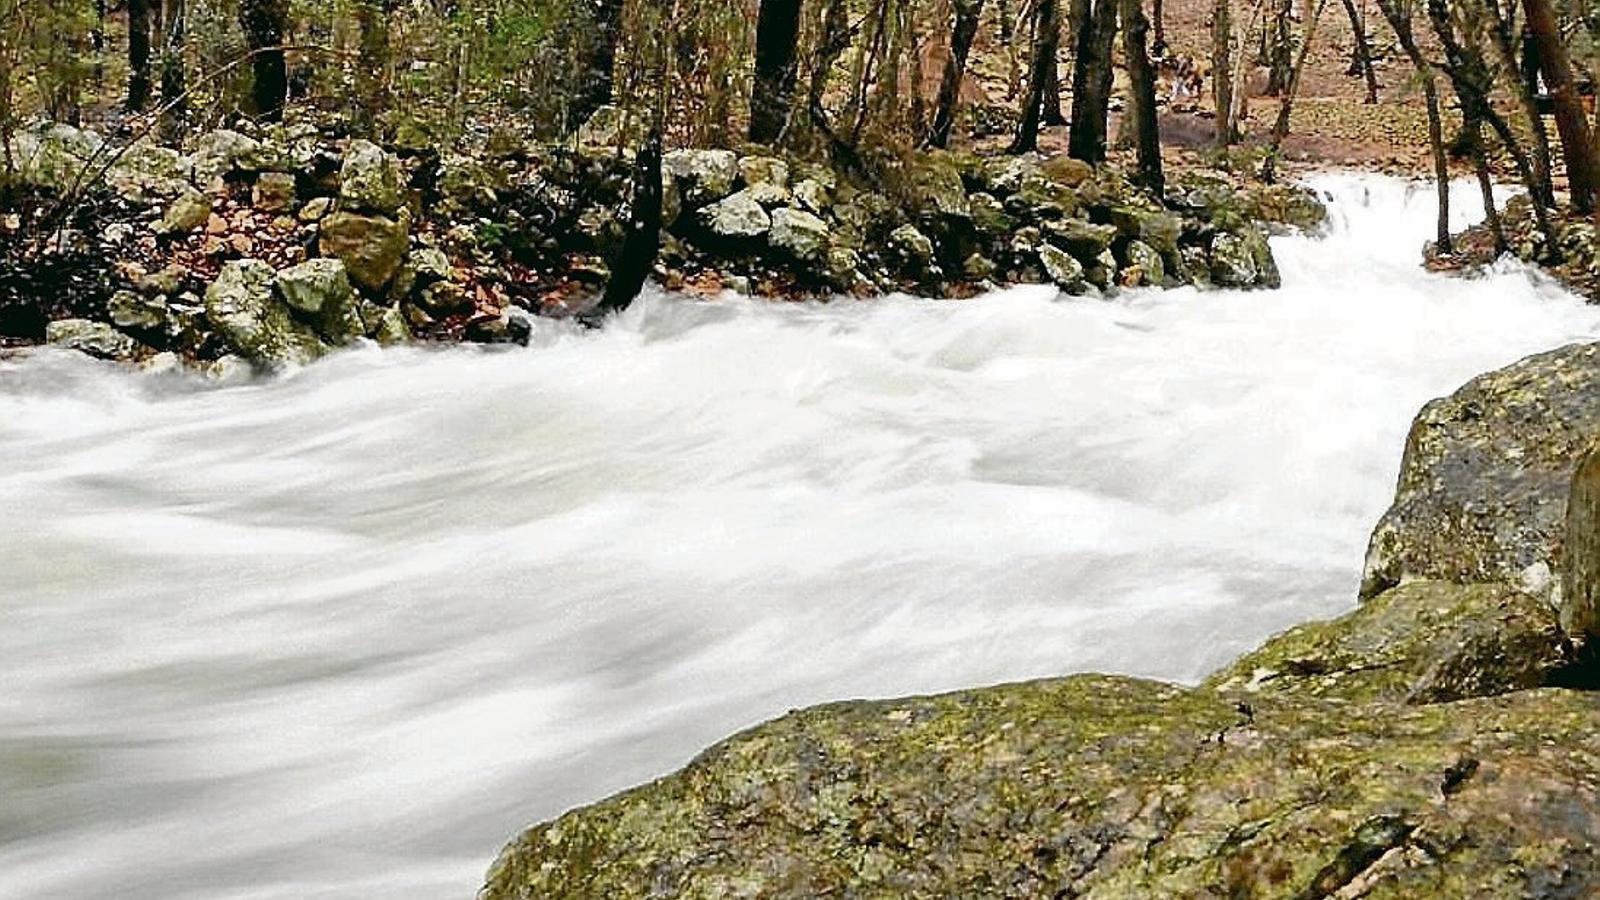 El Govern reservarà els excedents de les fonts Ufanes per garantir l'arribada d'aigua de bona qualitat a l'Albufera.